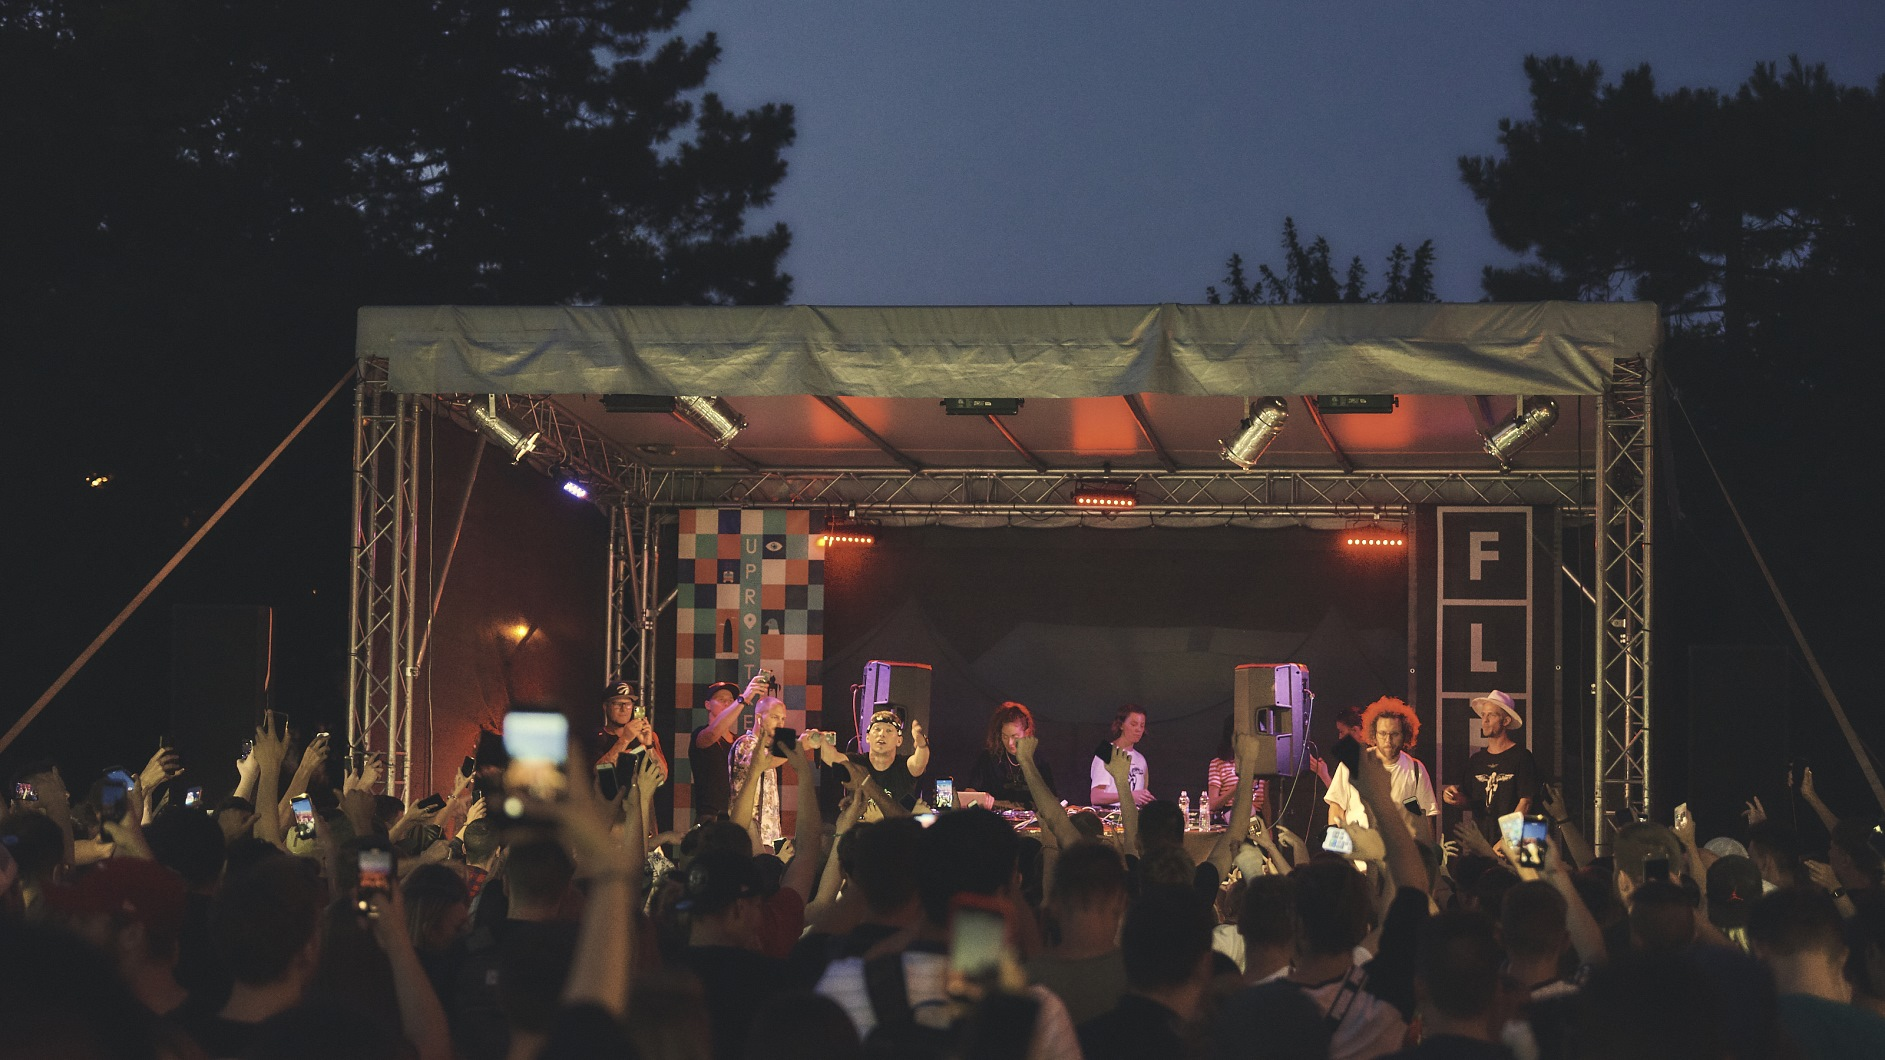 Festial-Uprostred-mizuki-nakeshu-26-.jpg